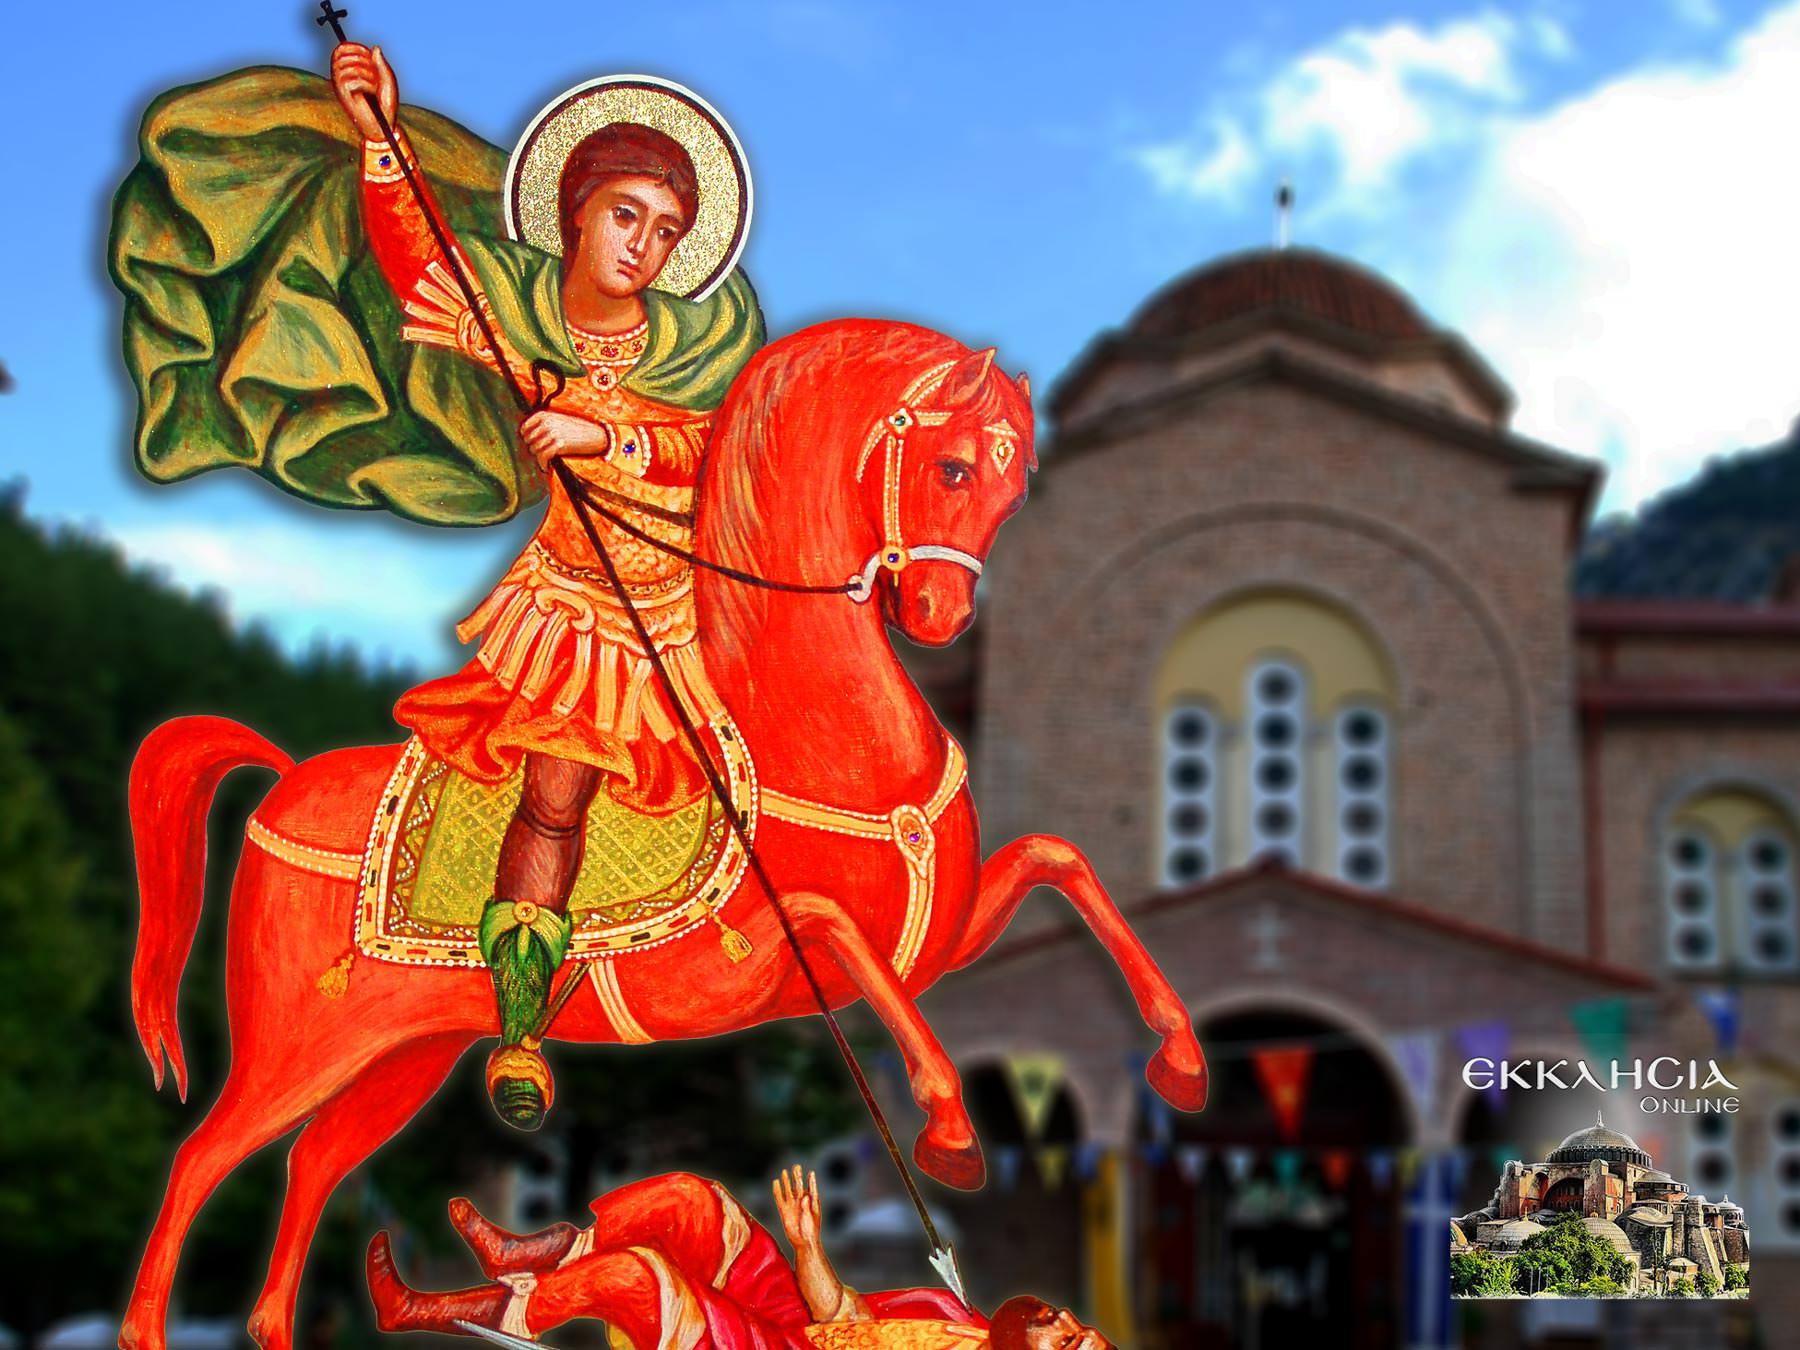 Άγιος Δημήτριος Μυροβλύτης 26 Οκτωβρίου